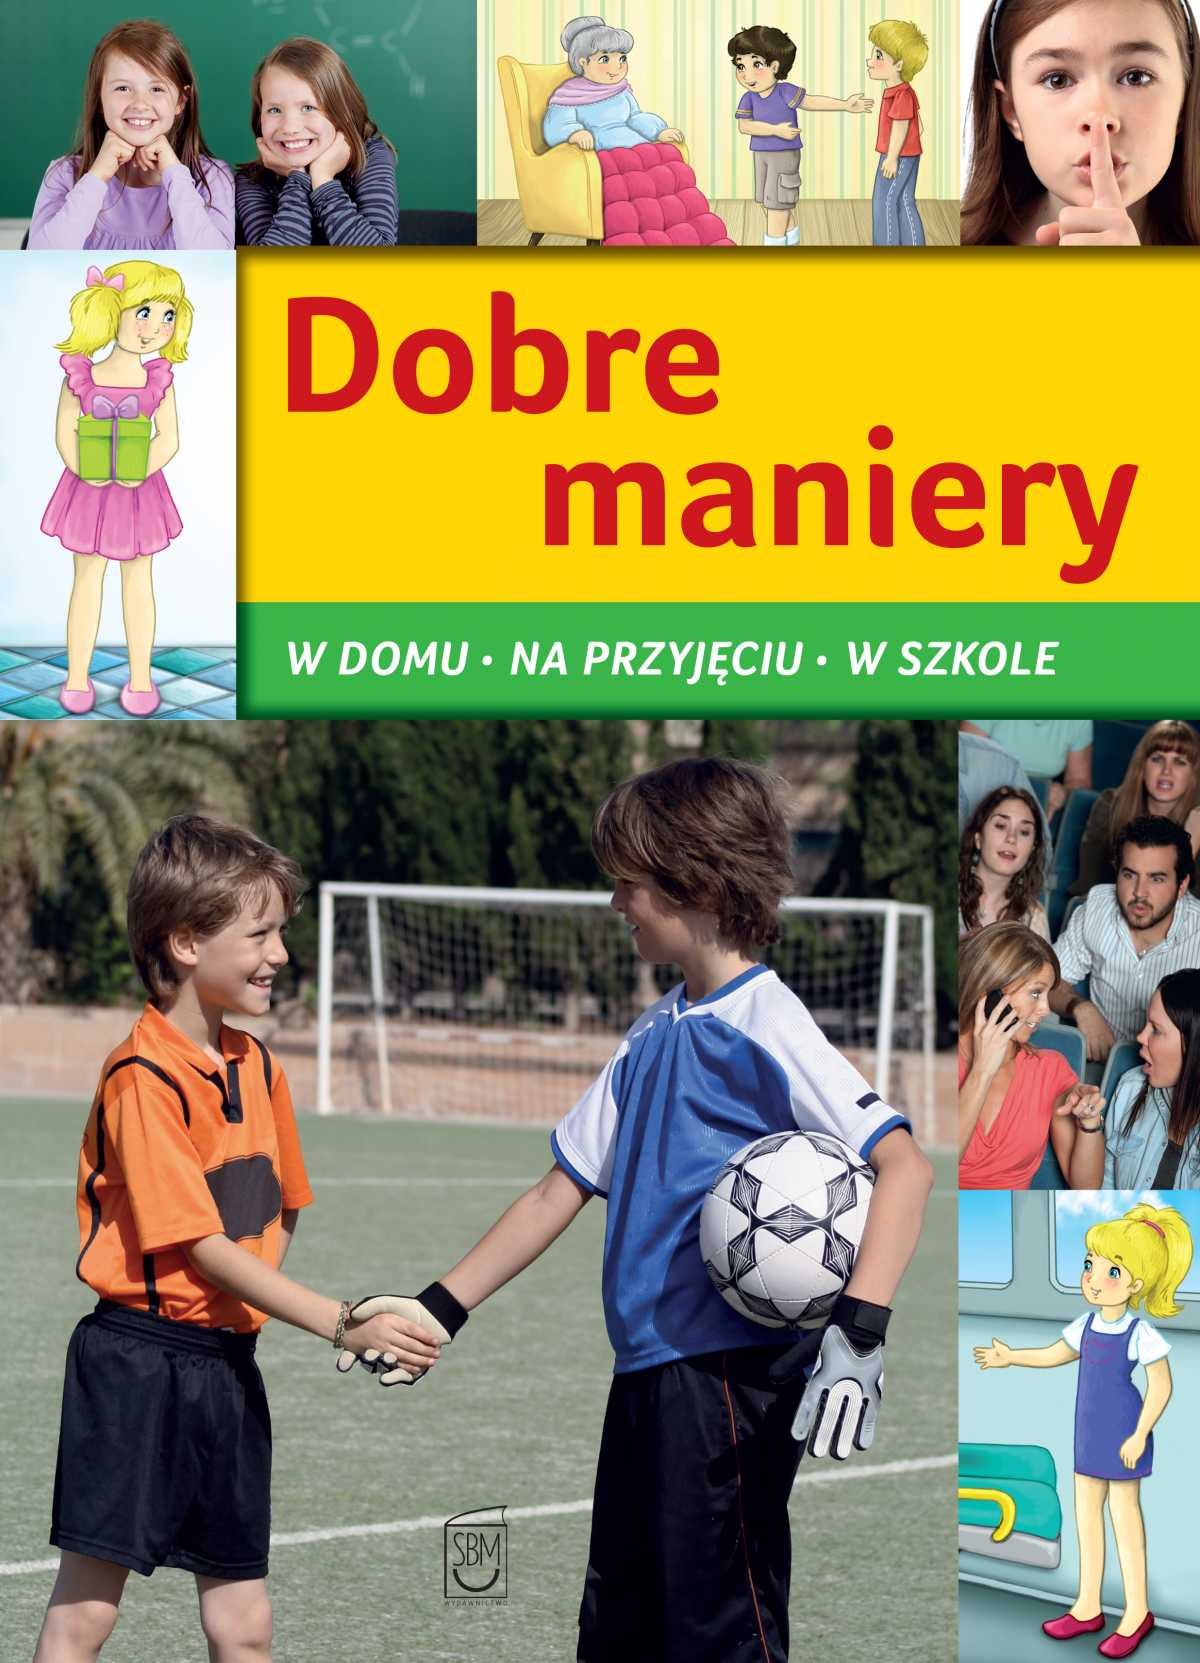 Dobre maniery. W domu, na przyjęciu, w szkole - Ebook (Książka PDF) do pobrania w formacie PDF